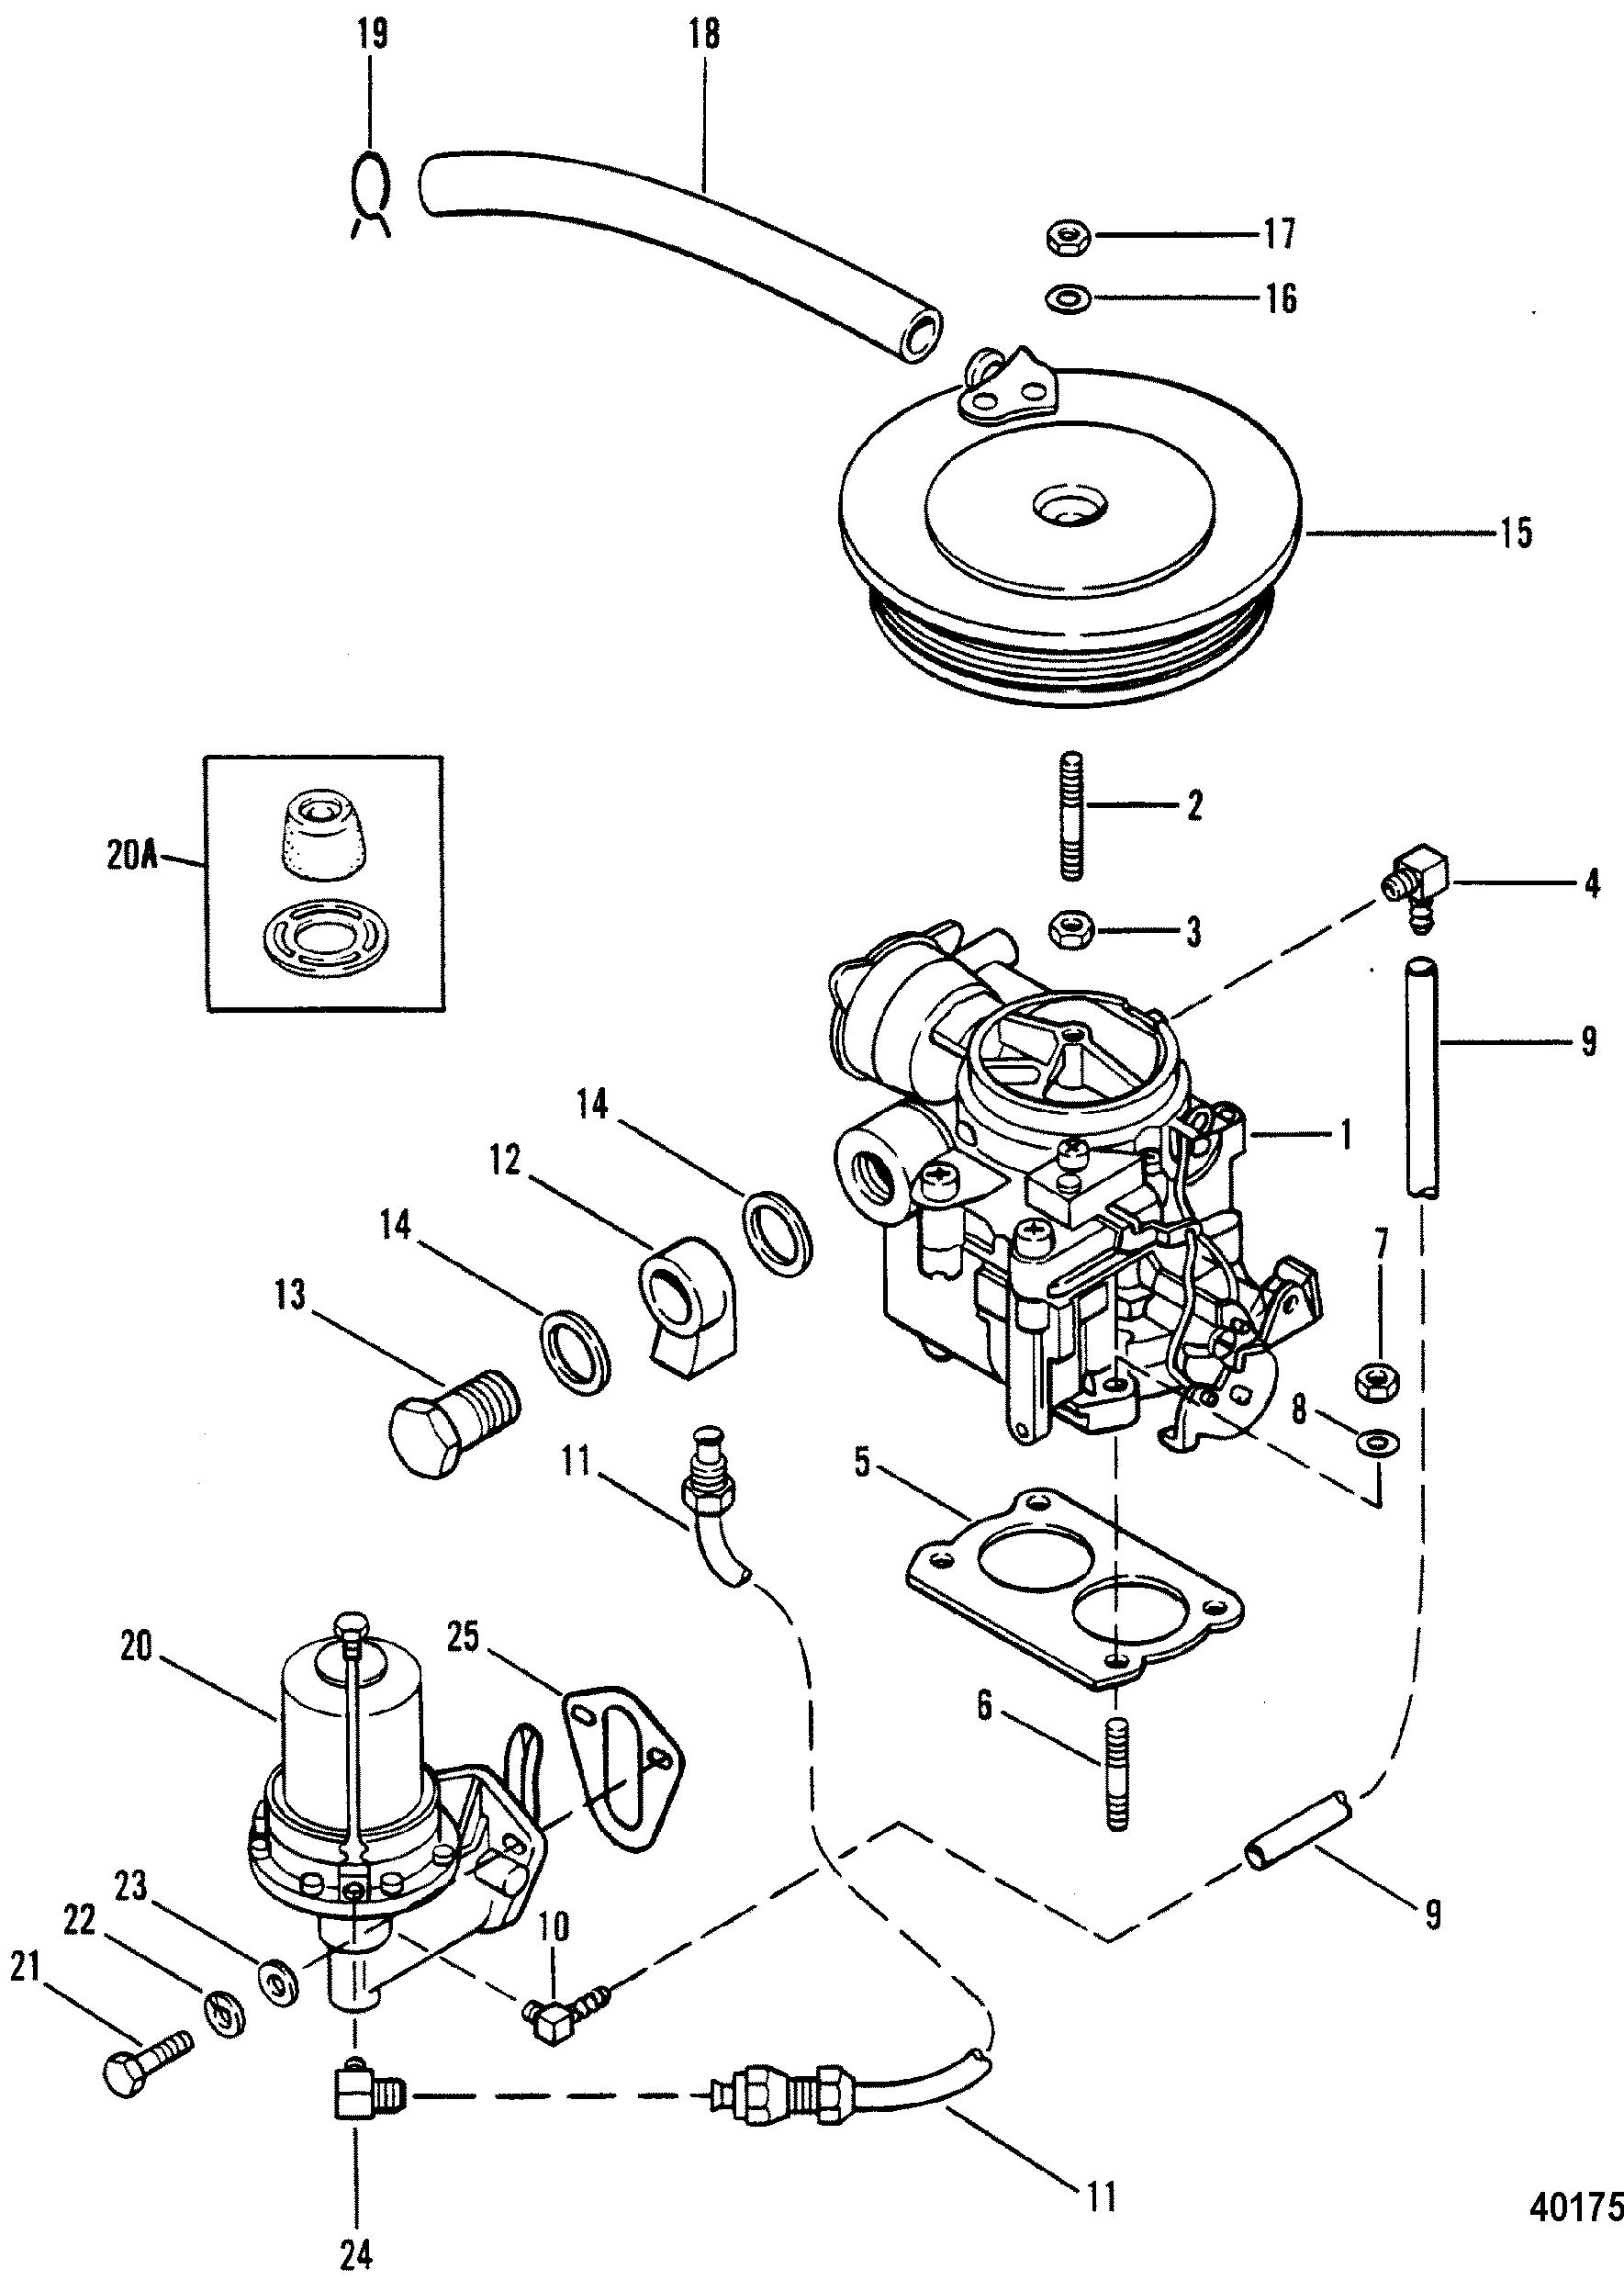 470 Mercruiser Fuel Filter